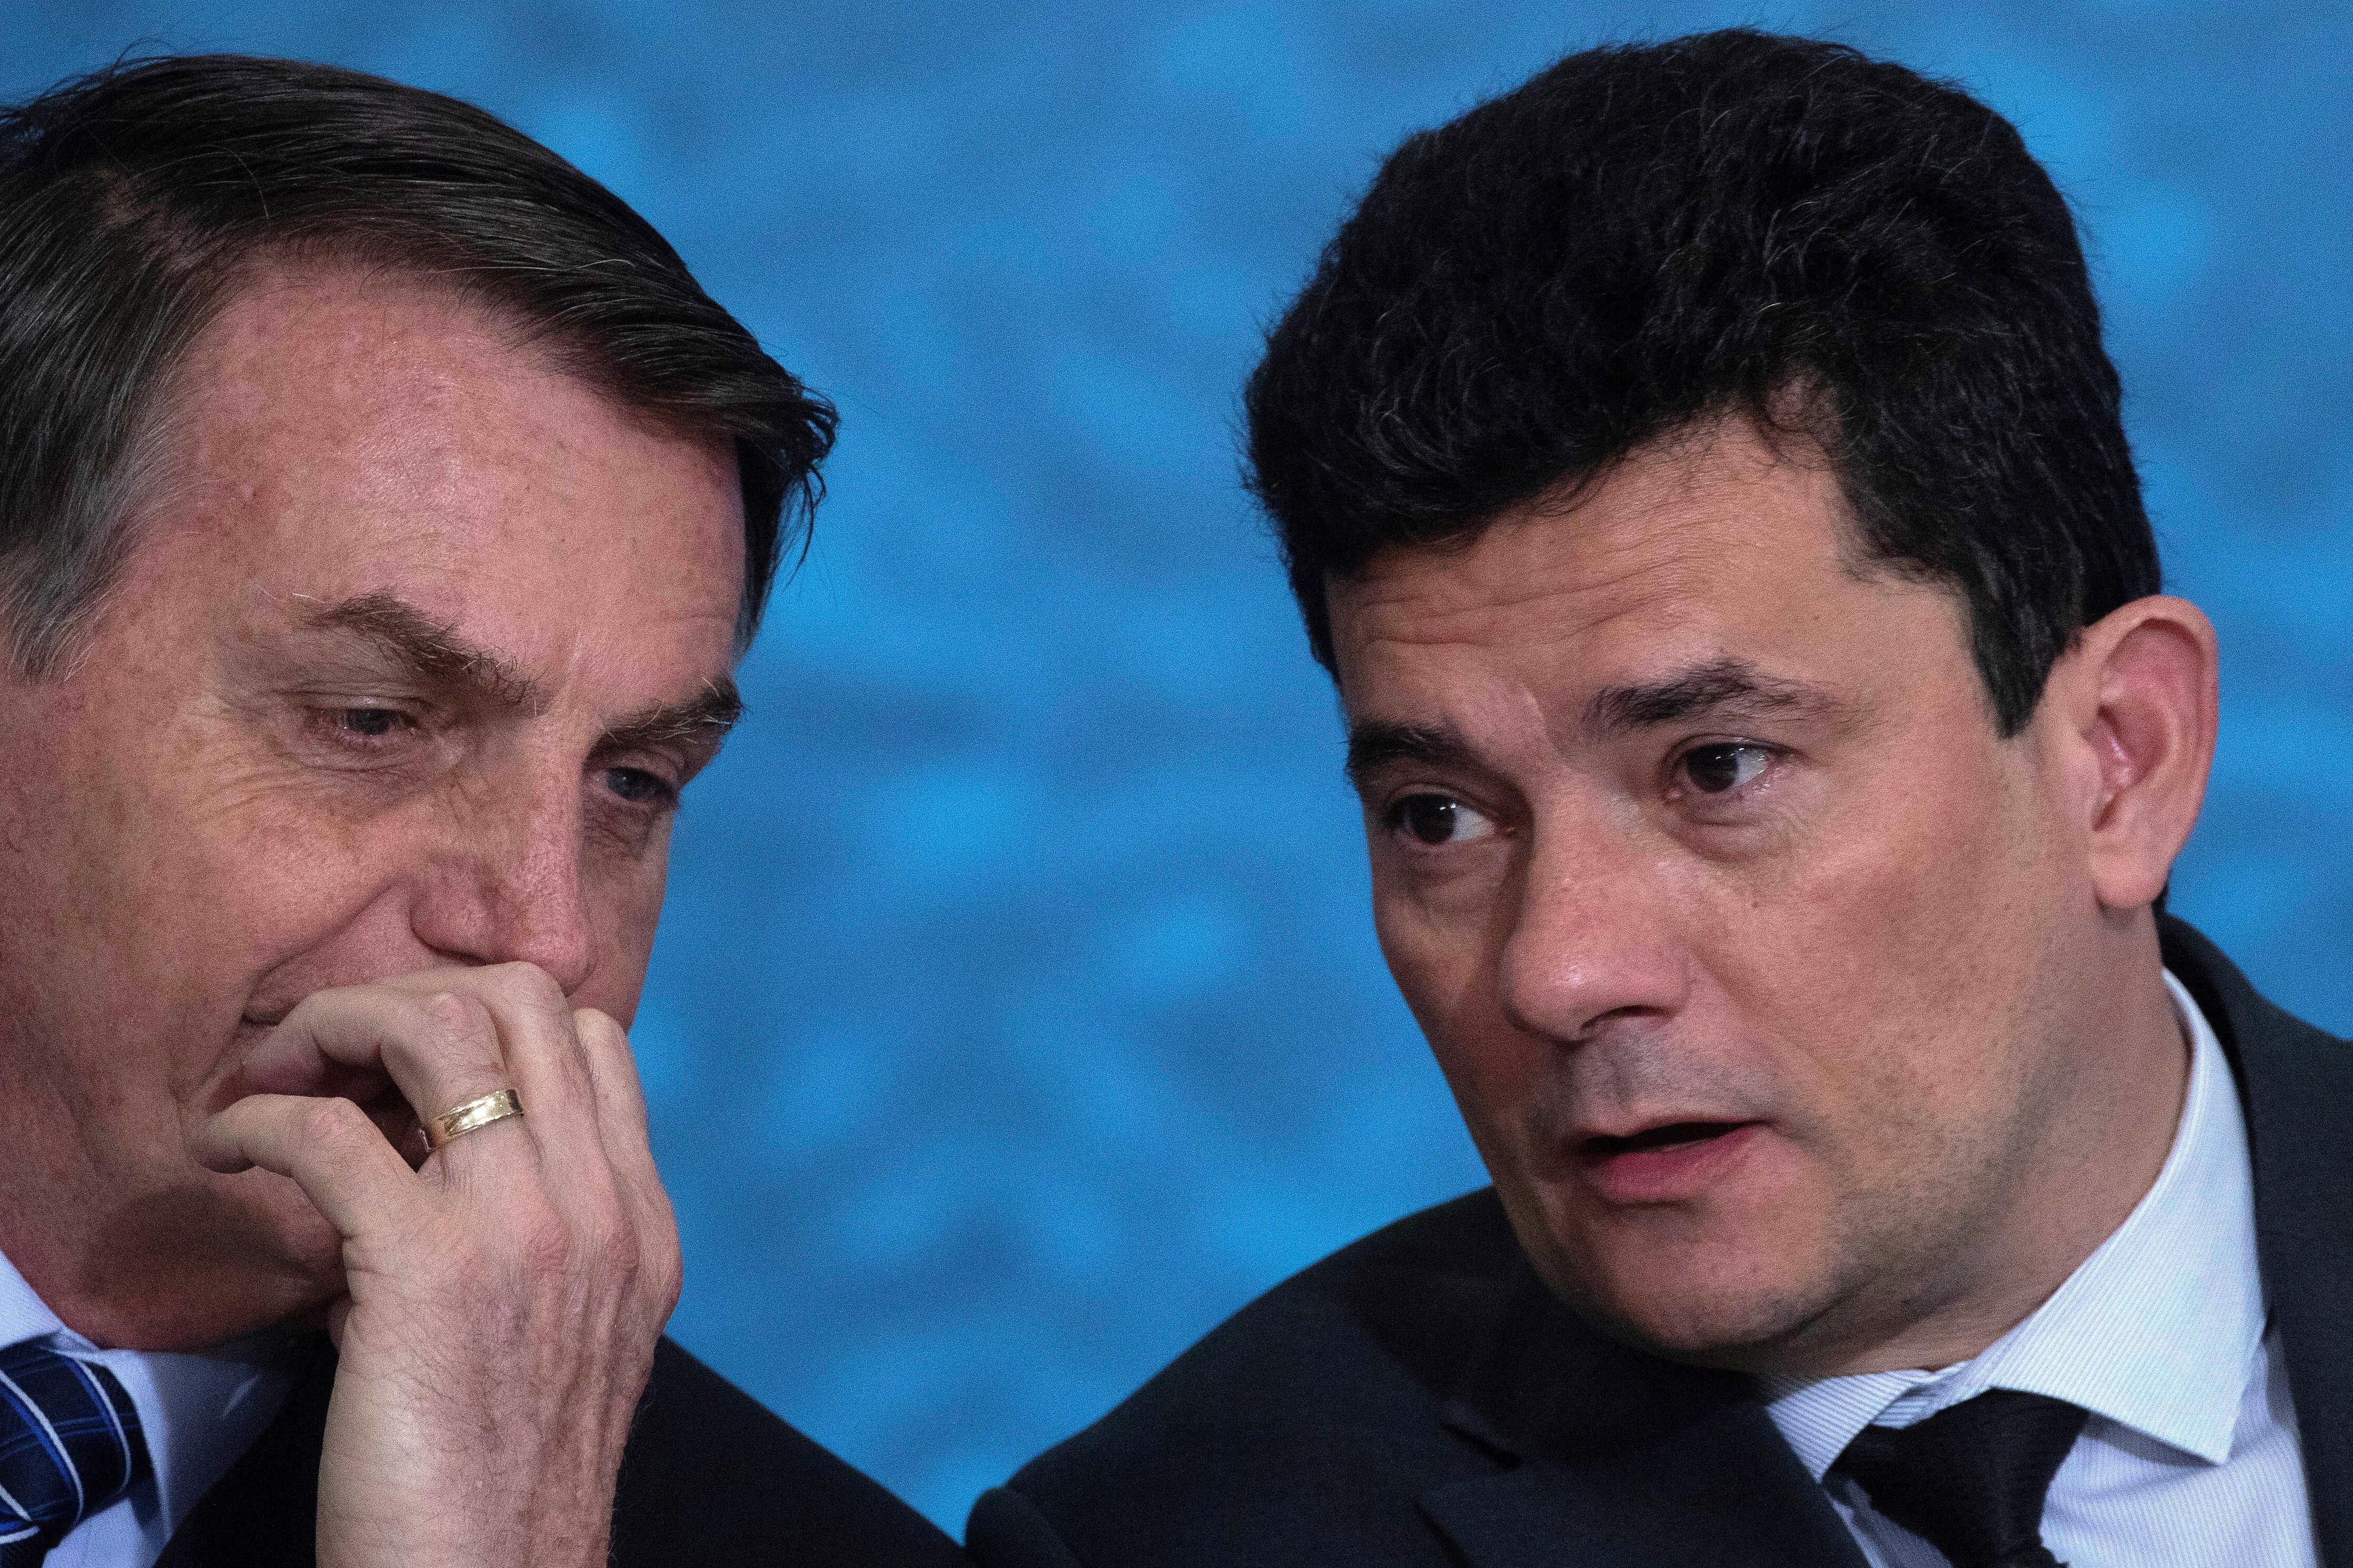 Brasil suaviza norma que prevê deportação sumária de estrangeiros suspeitos de crime